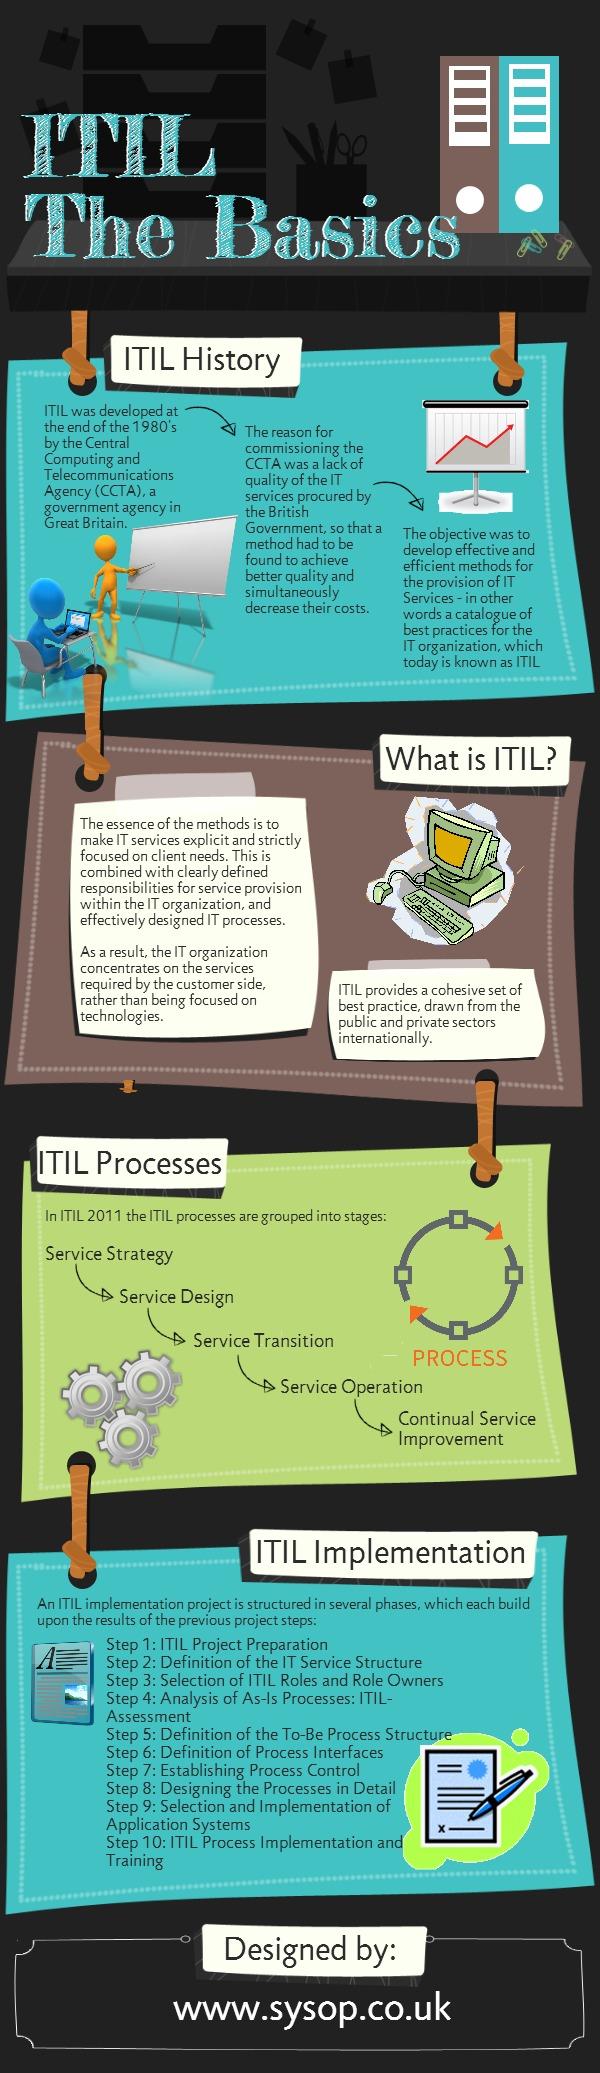 ITIL: lo básico #infografia #infographic - TICs y Formación